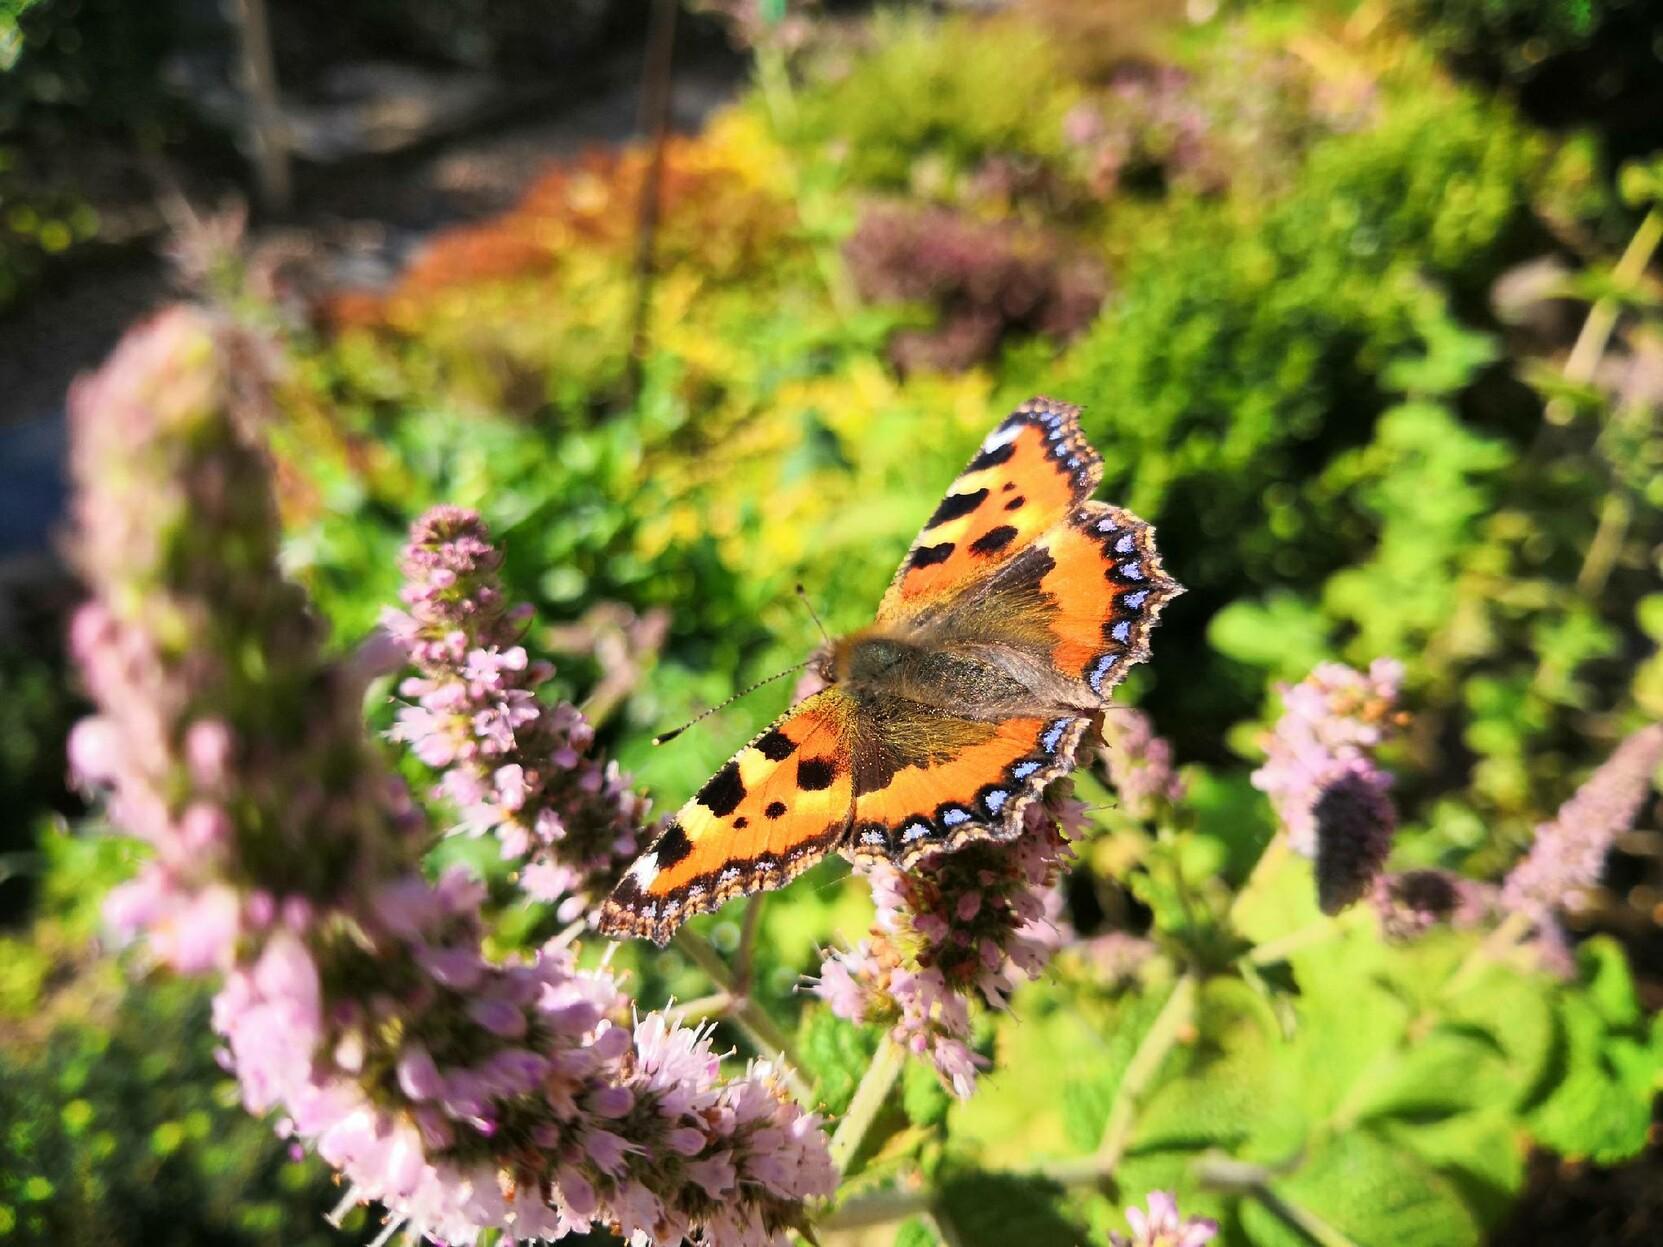 Ein Schmetterling (Pfauenauge) auf einer Pfefferminzblüte in der Morgensonne